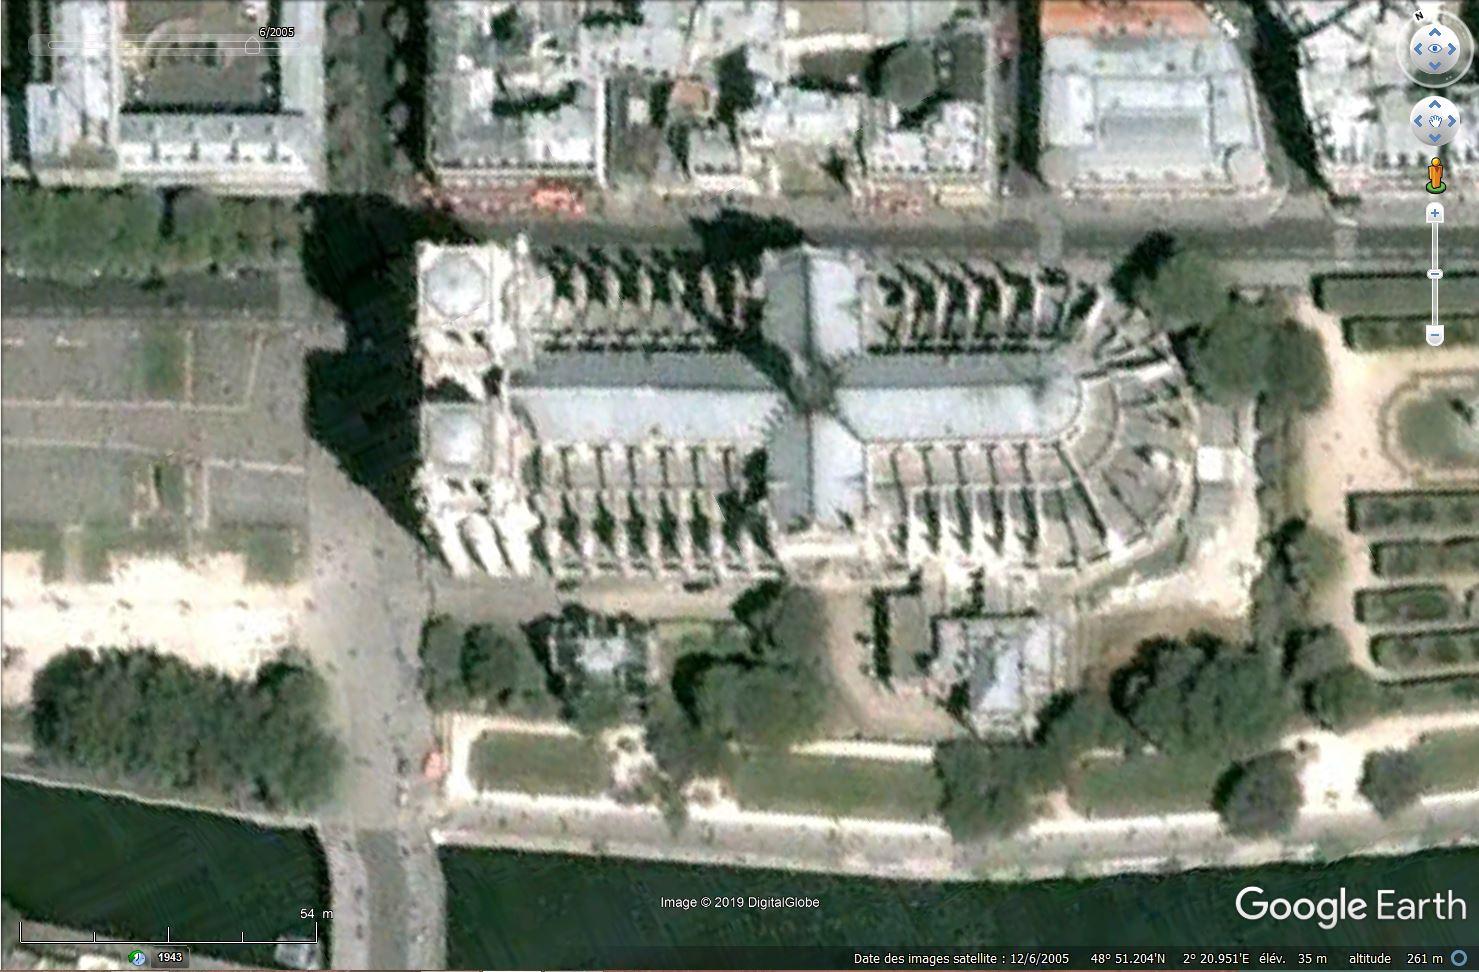 Sauvegarde virtuelle, visuelle  & mémorielle de la  Cathédrale Notre Dame de PARIS Tsge_573